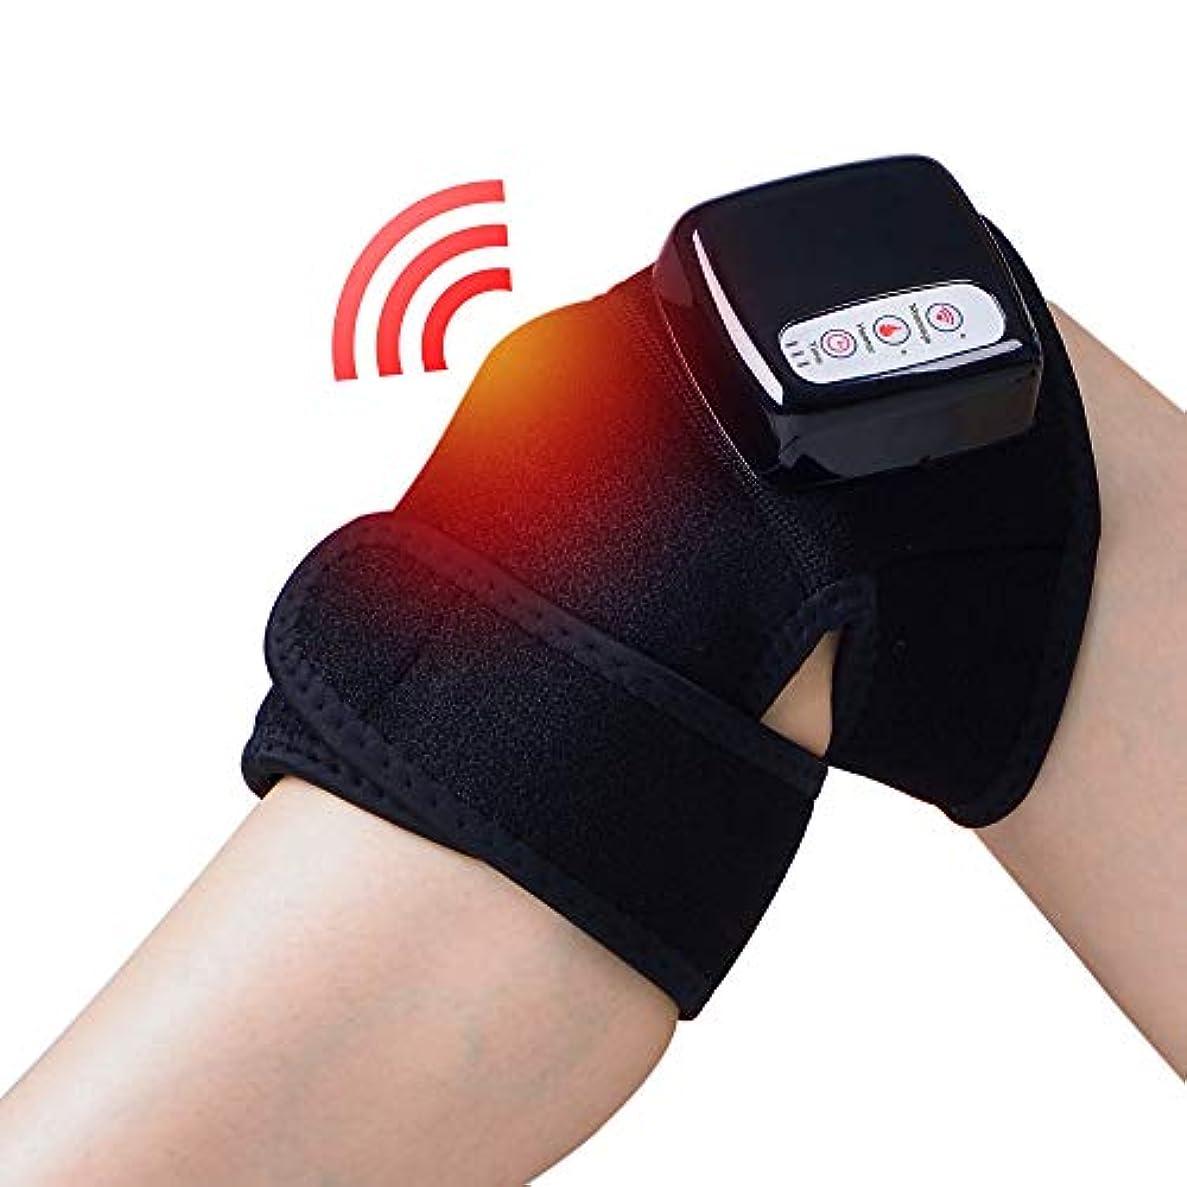 爆弾手のひらシンボルChuangyue 膝関節加熱マッサージ マッサージ器 フットマッサージャー ひざ マッサージャー 振動 赤外線療法 温熱療法 膝サポーター ストレス解消 膝マット 太もも/腕対応